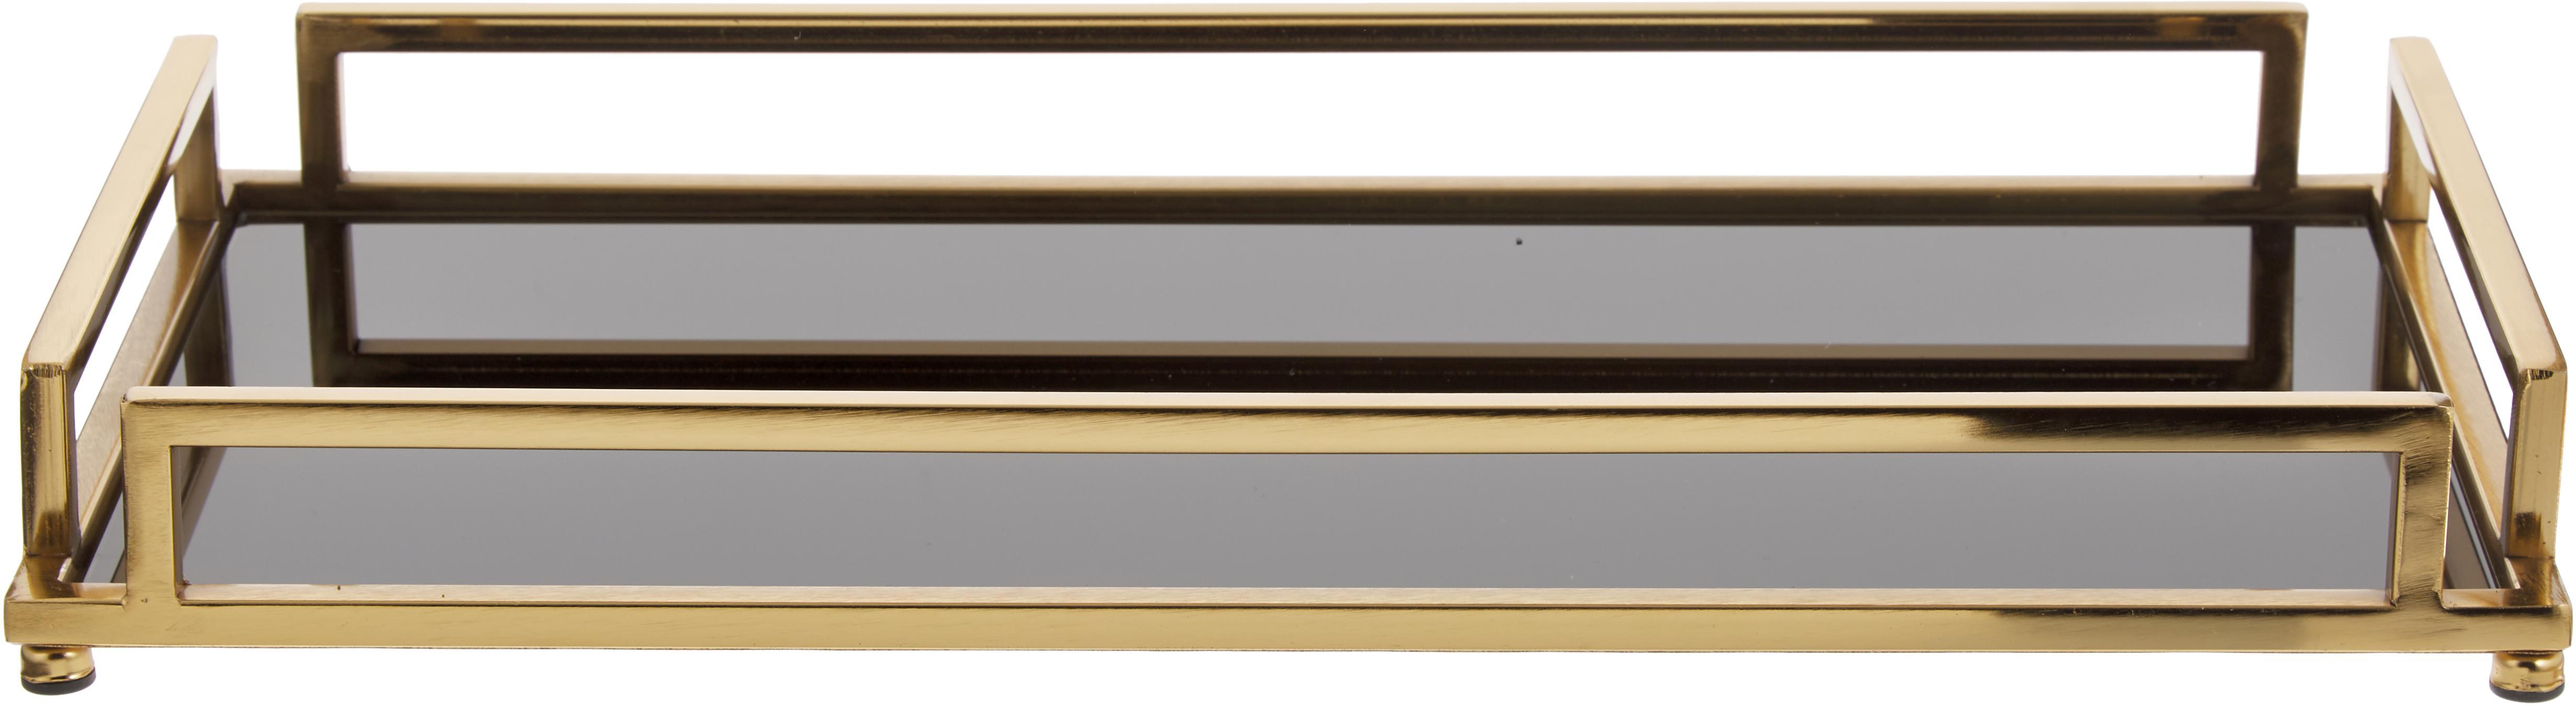 Vassoio decorativo Traika in oro con  mensola in nero, Struttura: metallo rivestito, Mensola: vetro, Ottonato, nero, Larg. 50 x Alt. 6 cm